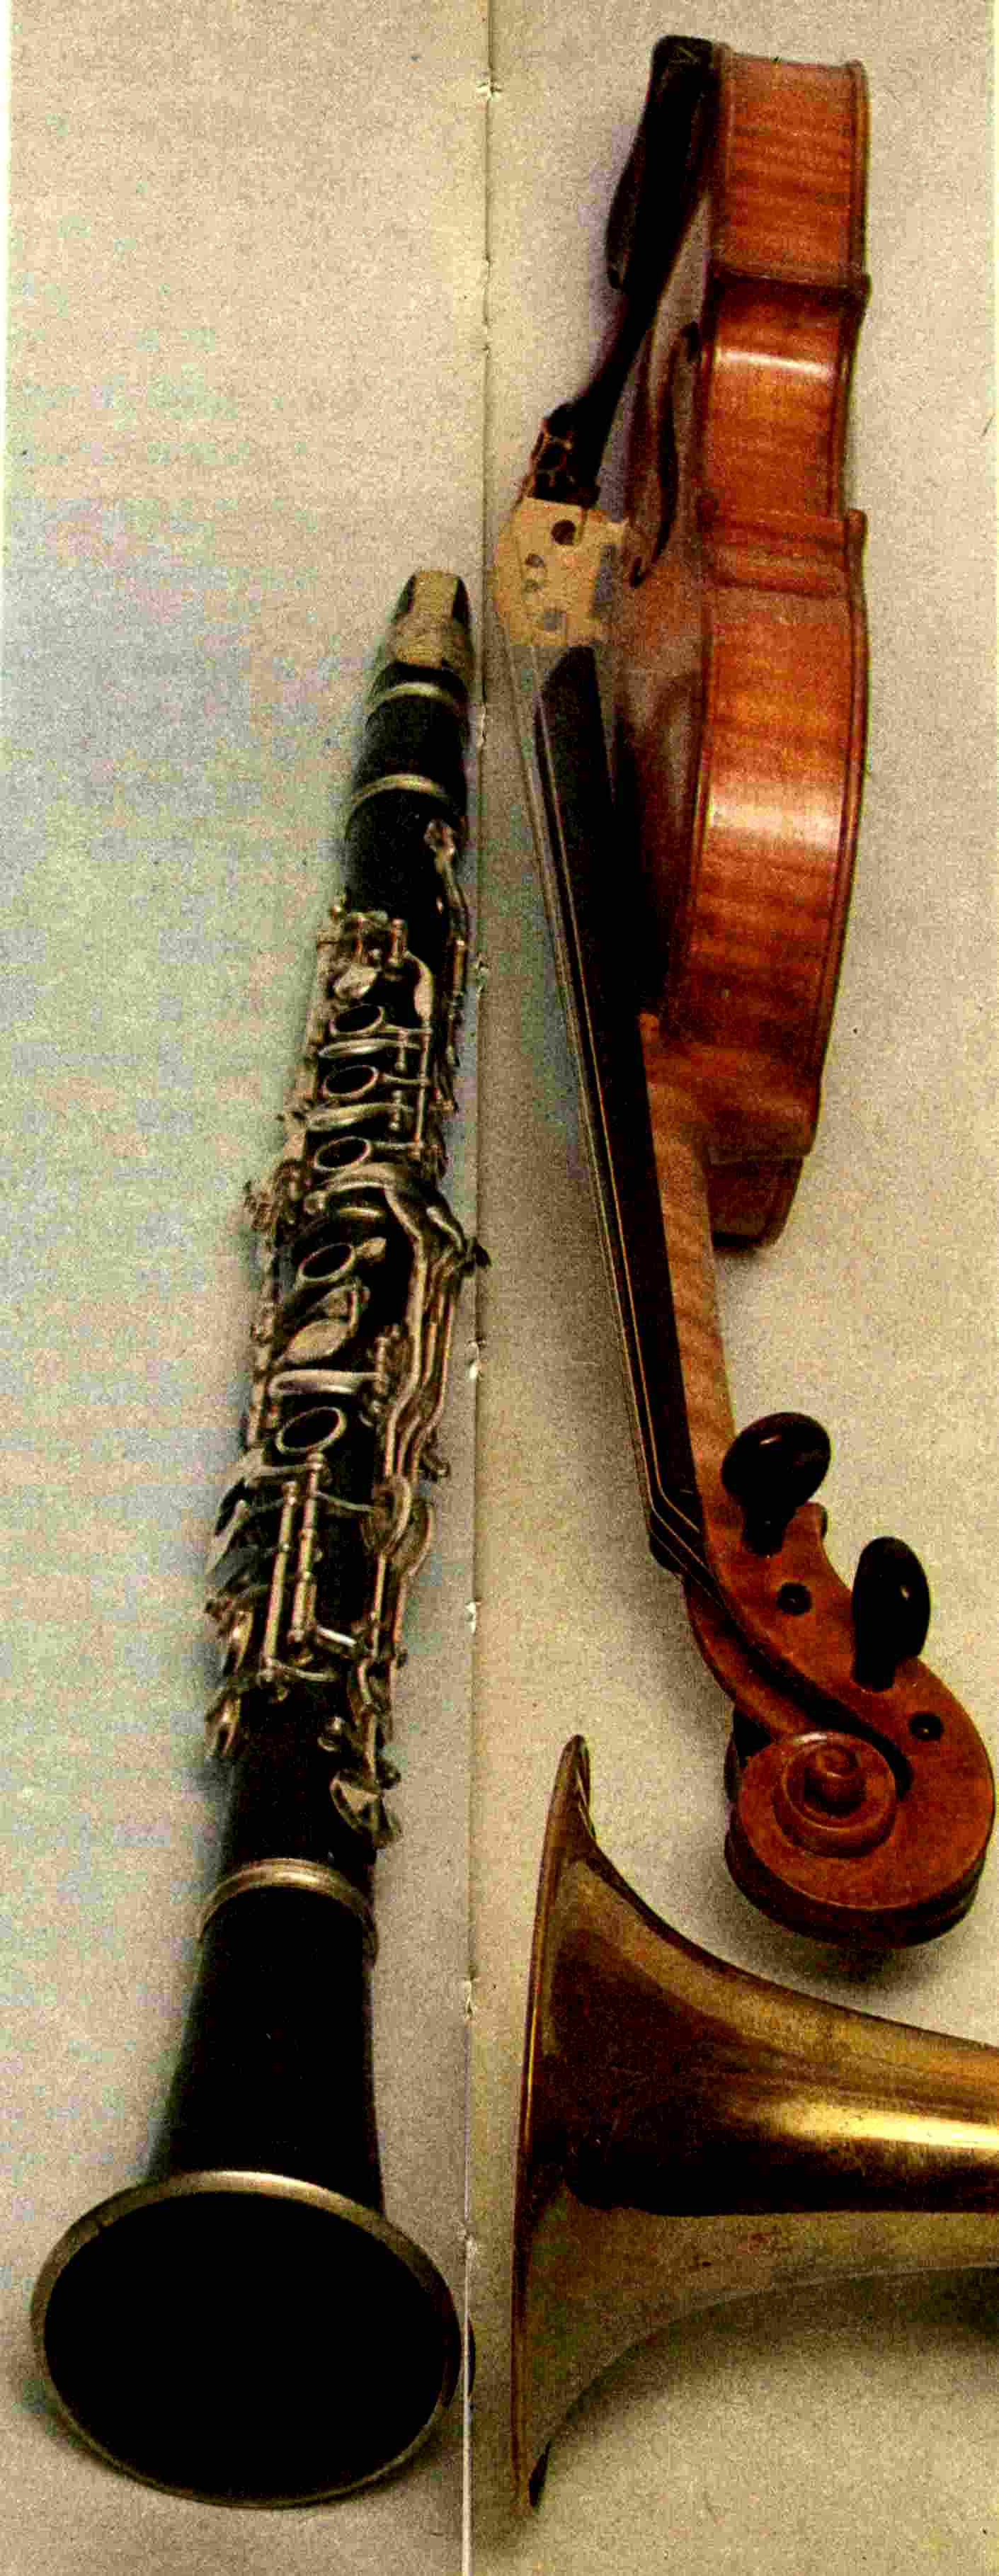 сочинение по музыке описание инструмента симфонического оркестра